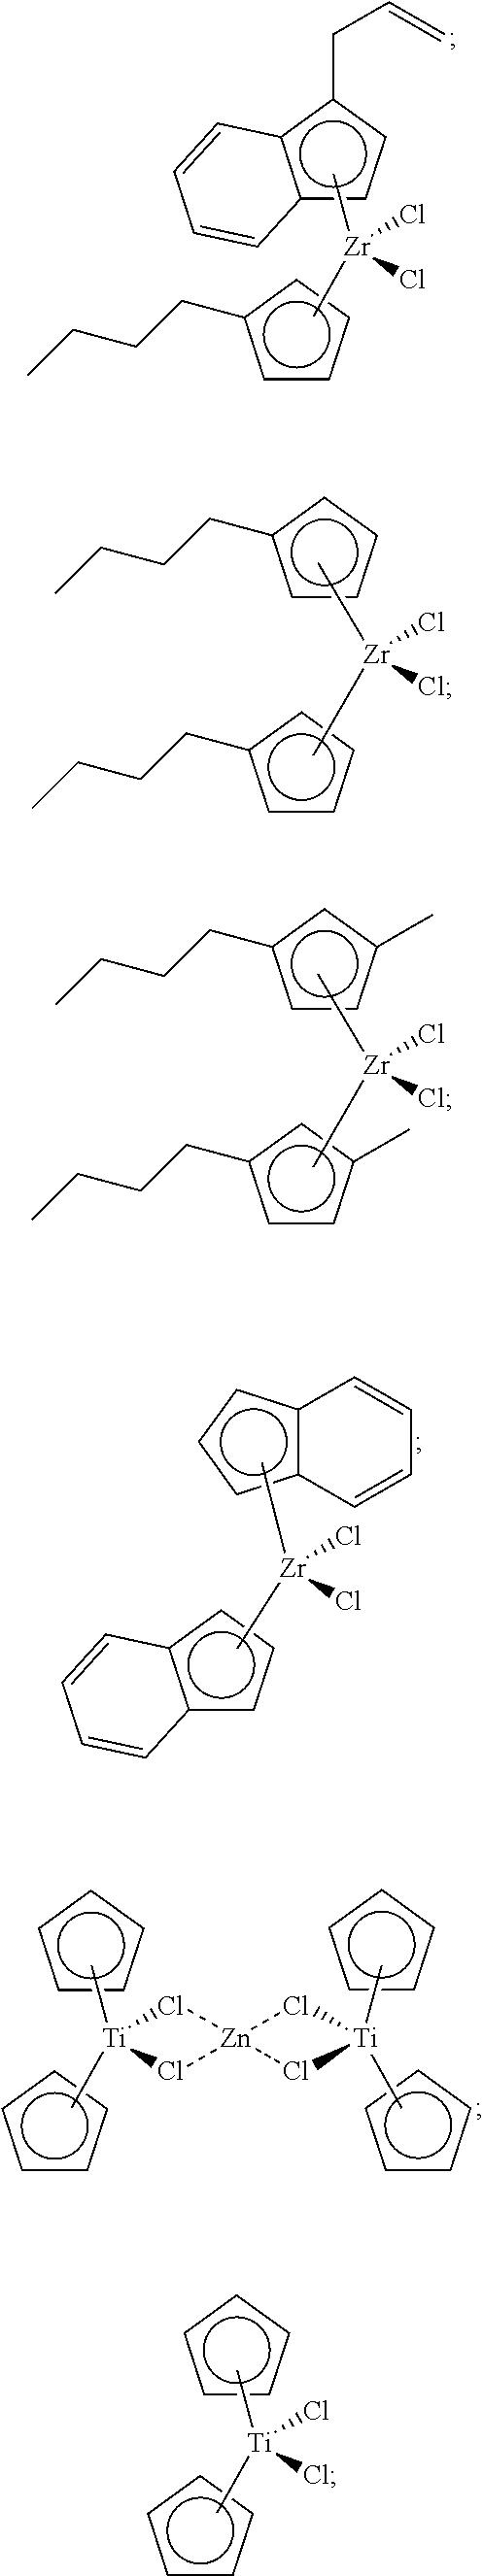 Figure US08450436-20130528-C00040